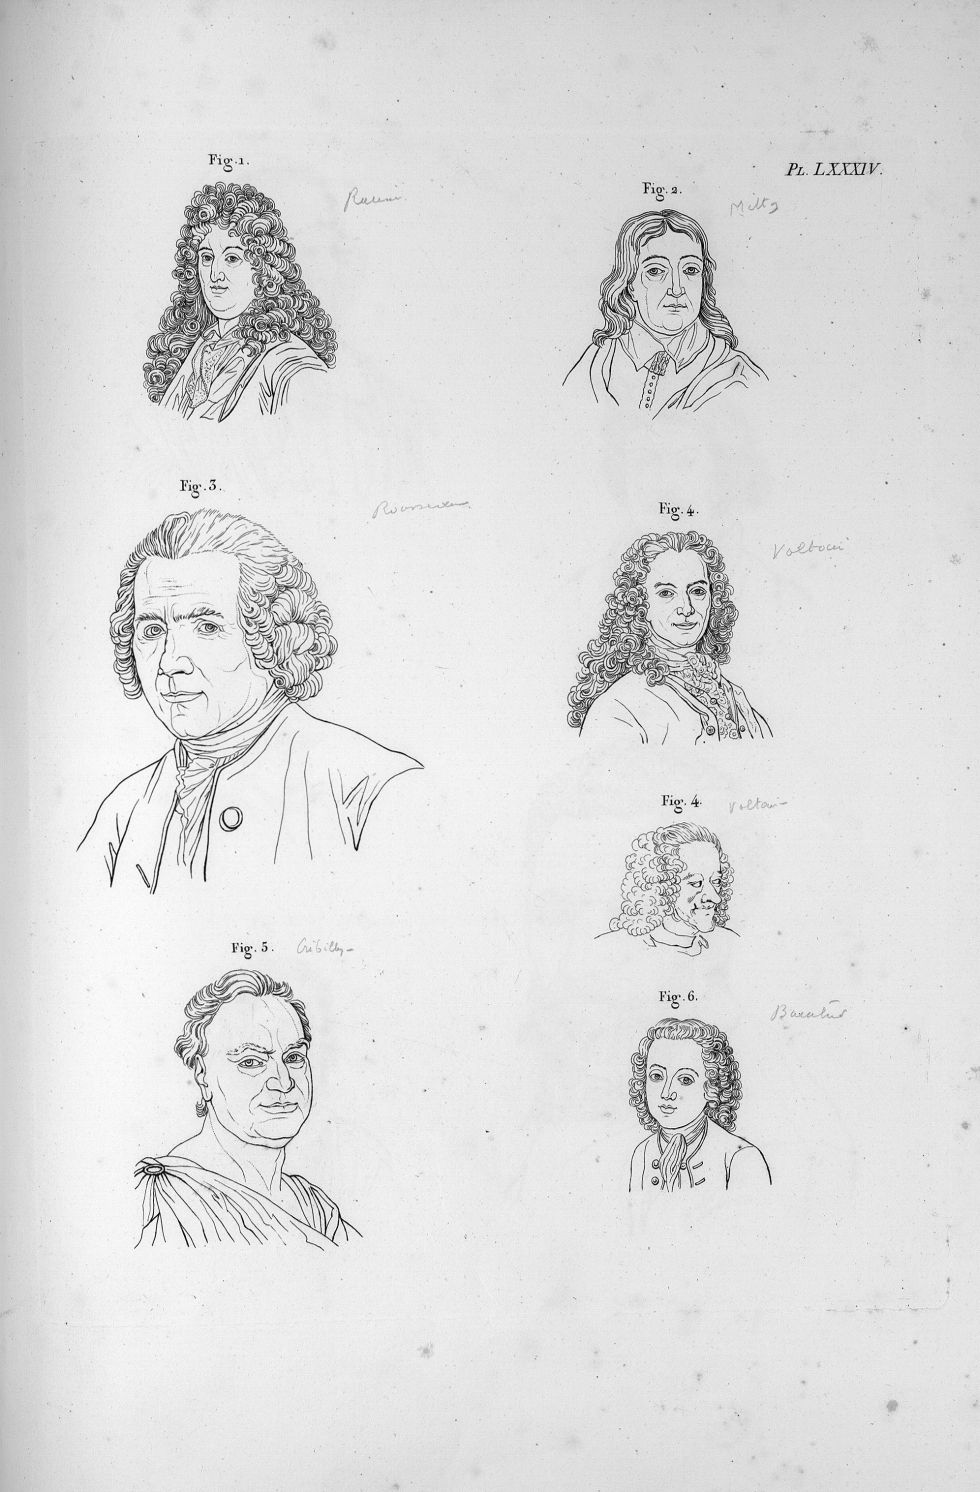 Pl. LXXXIV. Fig. 1. Racine / Fig. 2. Milton / Fig. 3. Rousseau / Fig. 4. Voltaire jeune et vieux / F [...] - Anatomie. Neurologie. Têtes. Phrénologie. 19e siècle (France) - med00575x04x0301